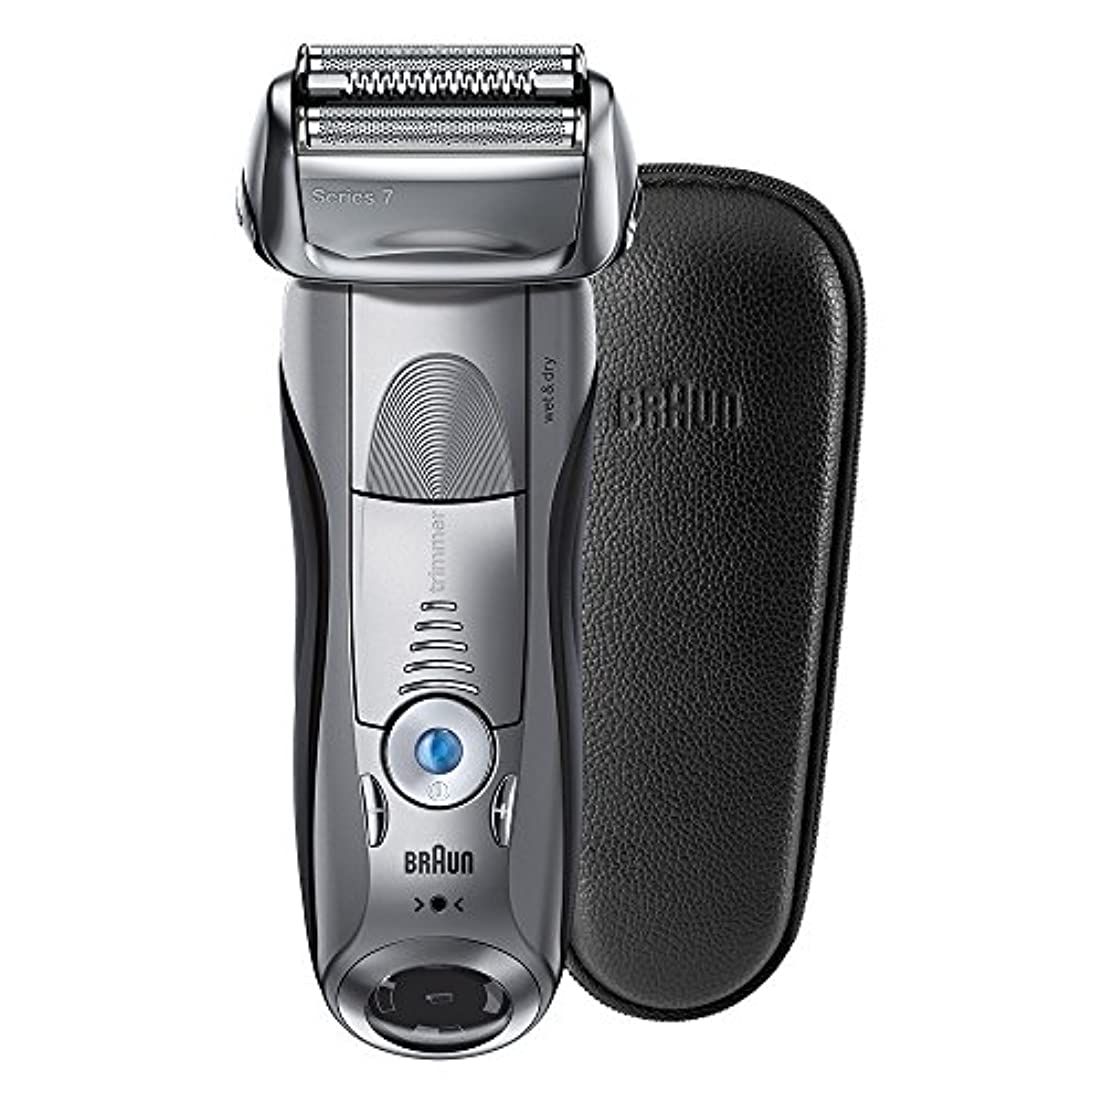 計算する枠不十分なブラウン メンズ電気シェーバー シリーズ7 7893s-SP 4カットシステム 水洗い/お風呂剃り可 本革ケース付